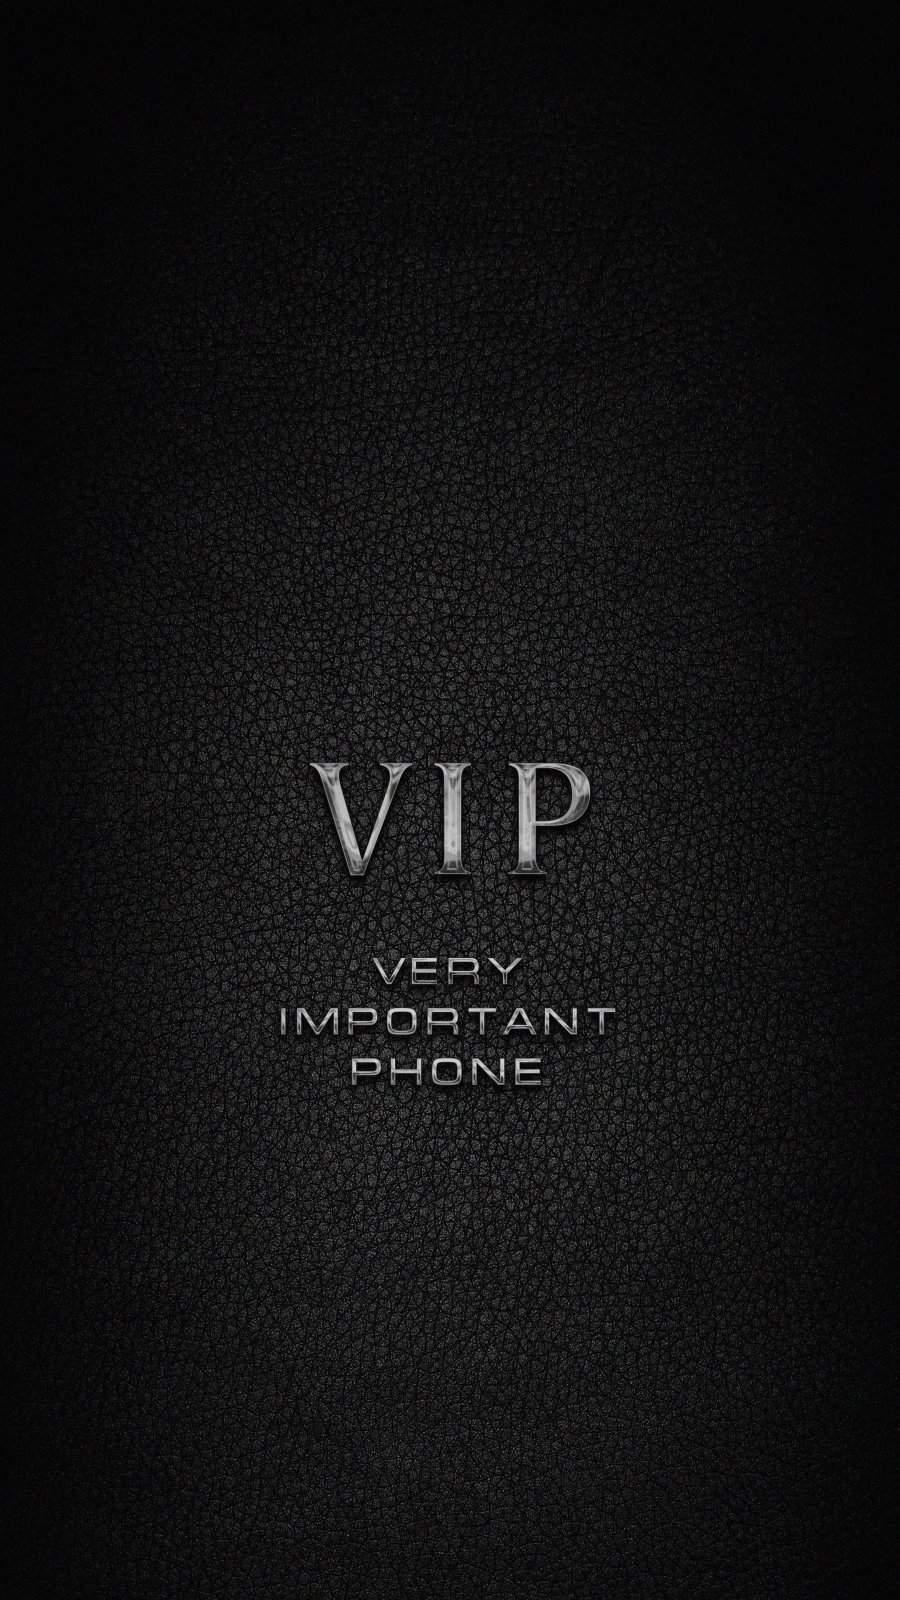 VIP Phone iPhone Wallpaper